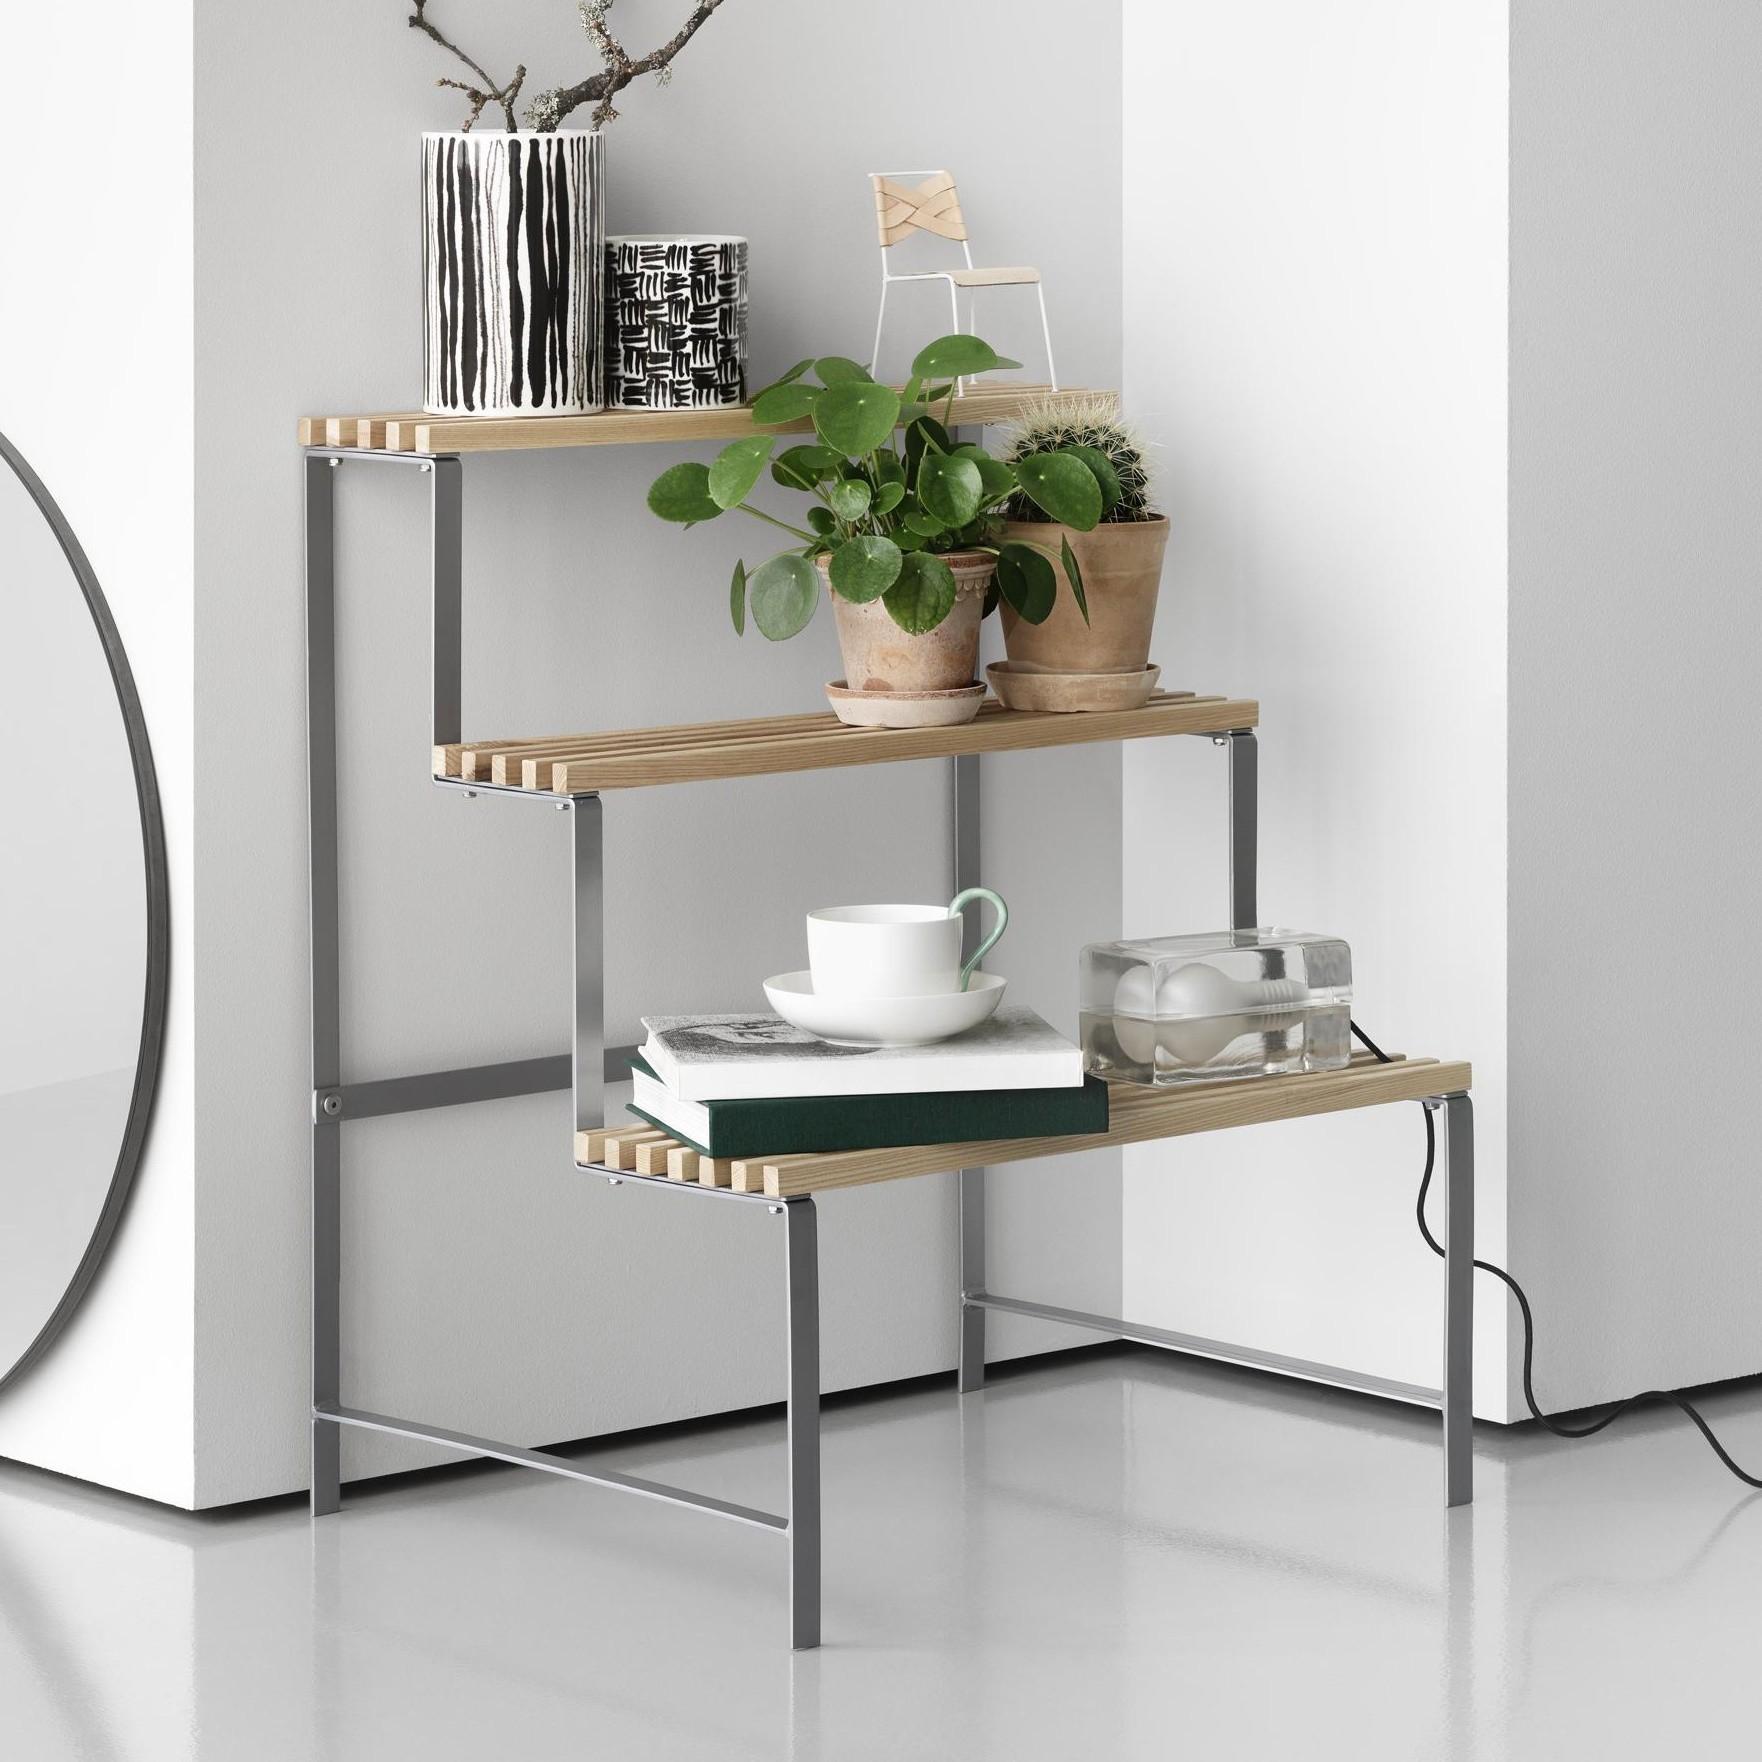 design house stockholm designhousestockholm. Black Bedroom Furniture Sets. Home Design Ideas